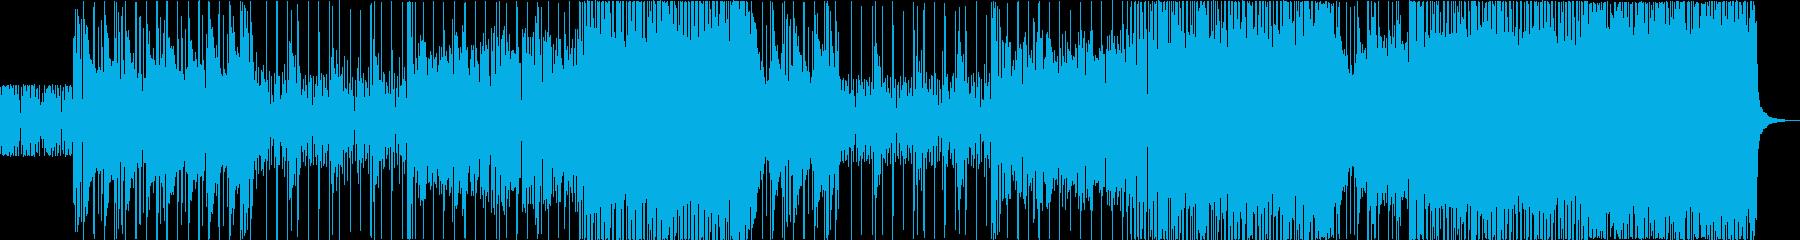 FORTUNE TELLERの再生済みの波形